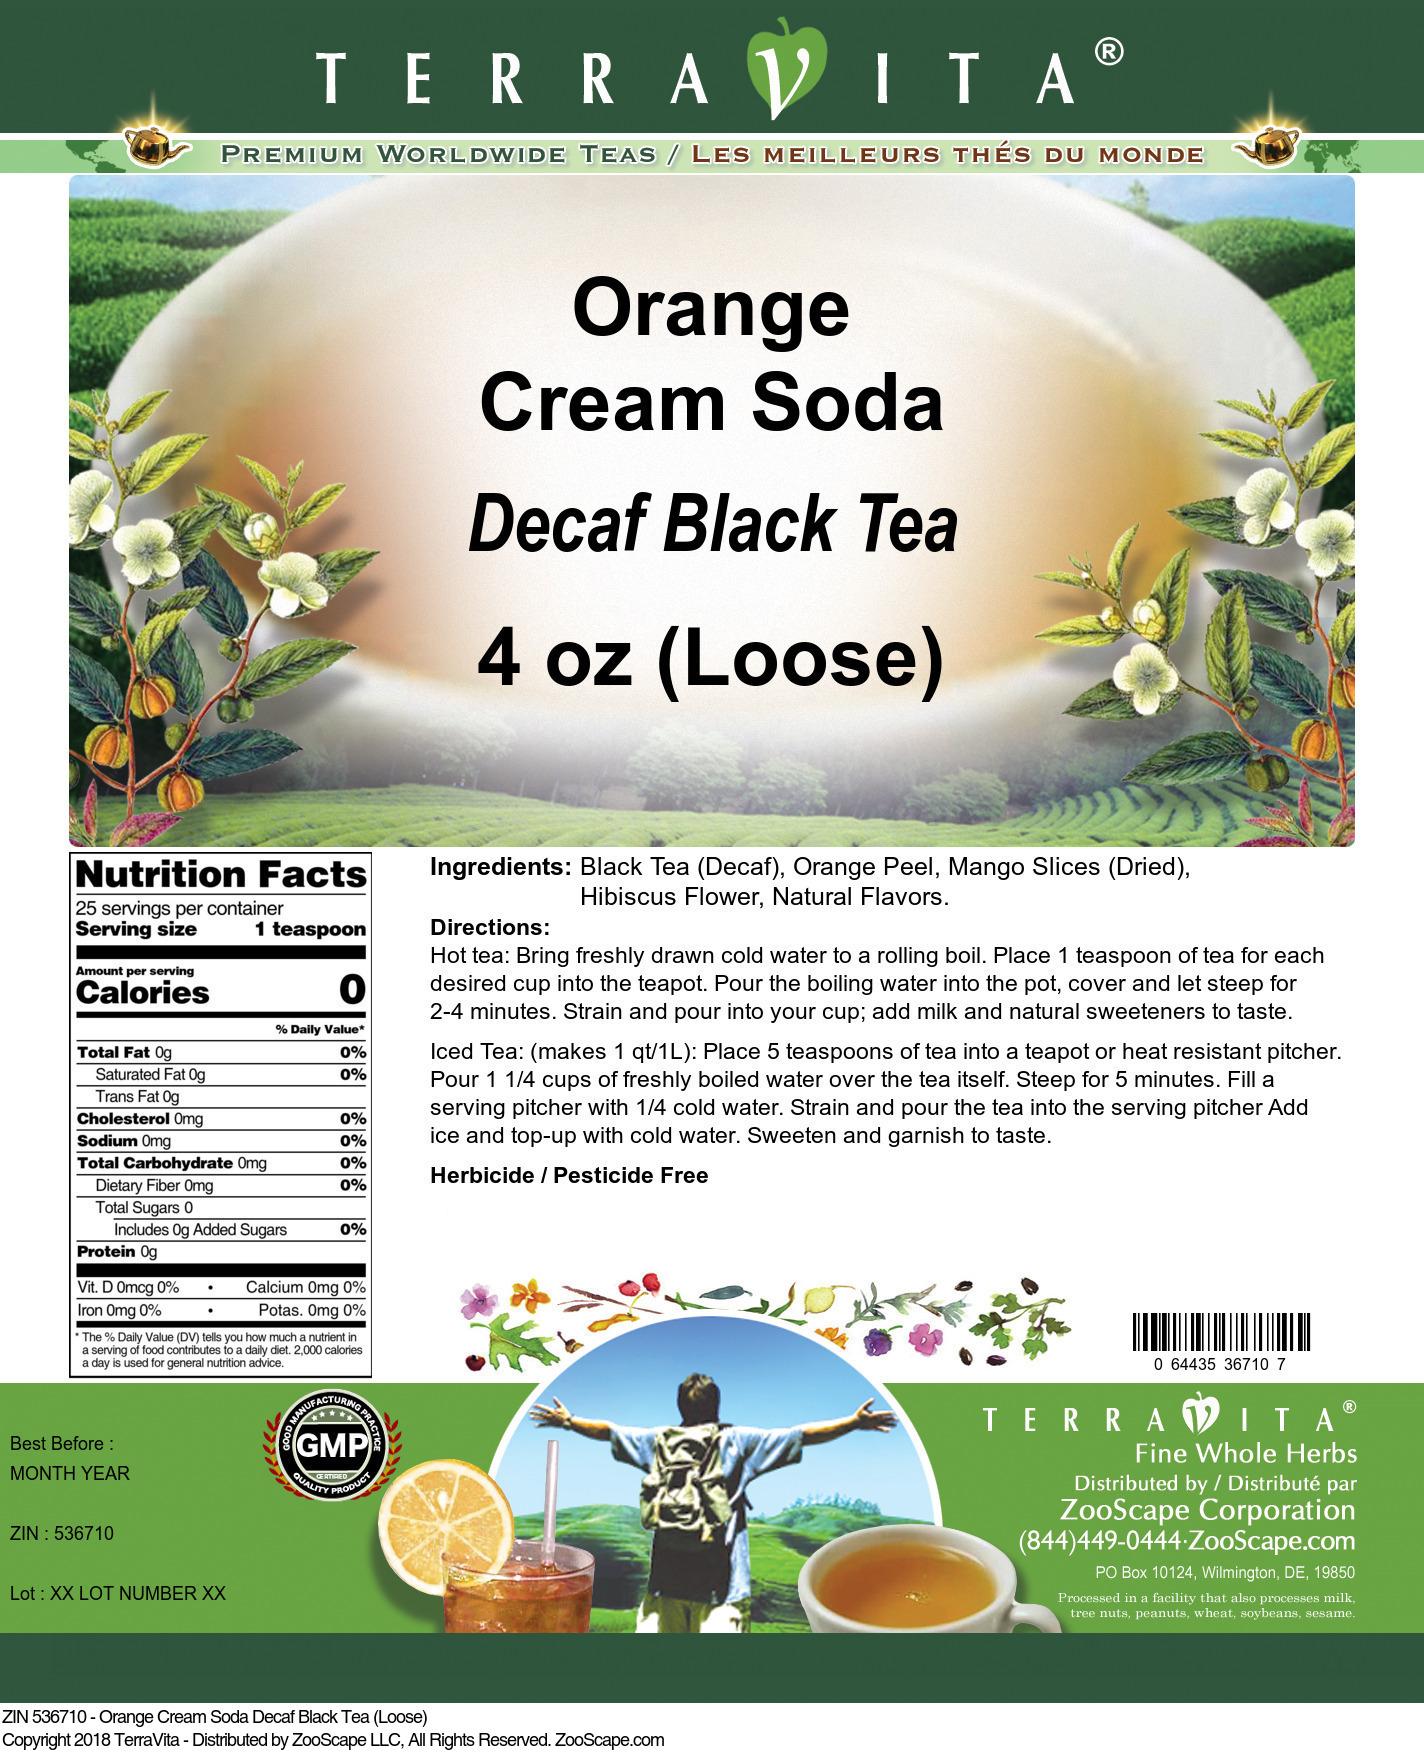 Orange Cream Soda Decaf Black Tea (Loose)